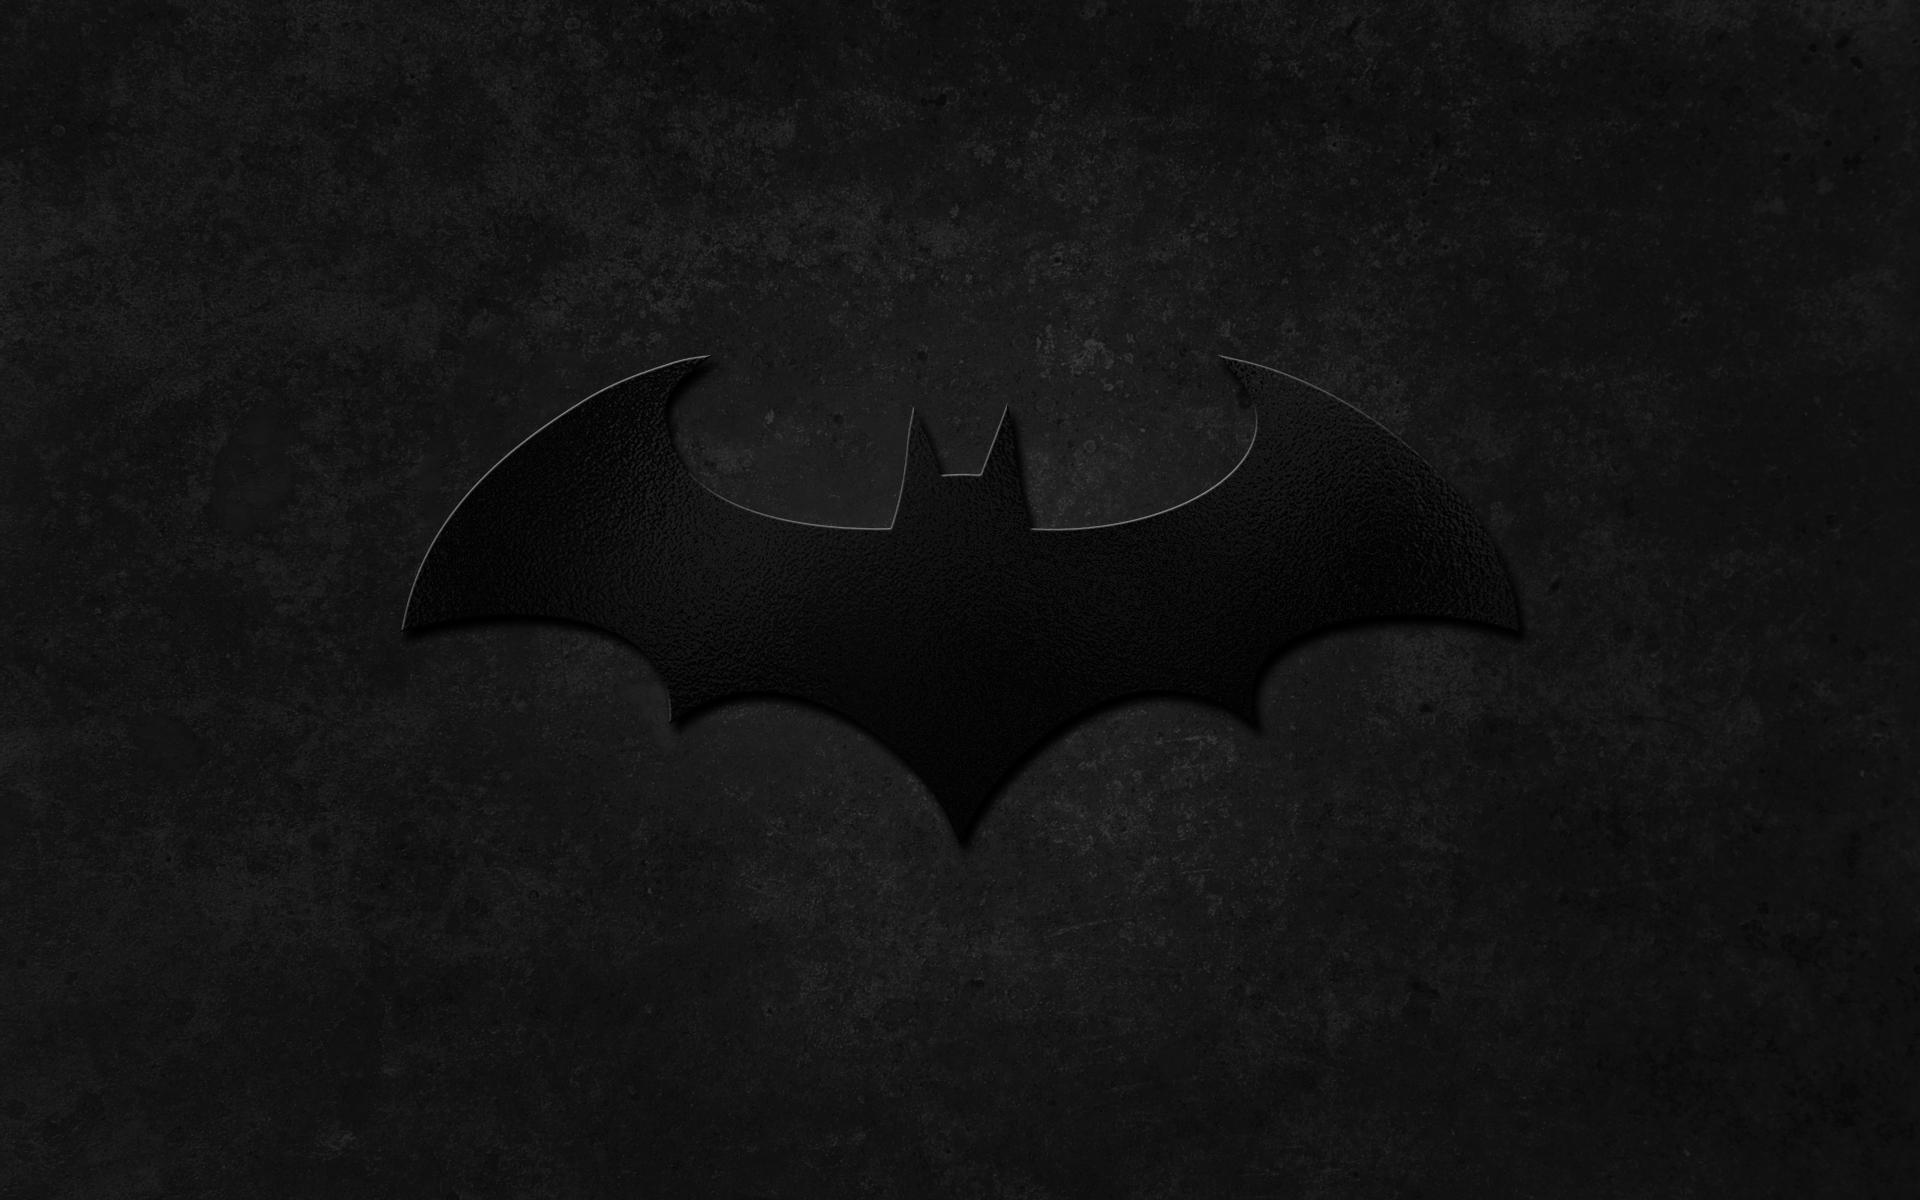 Batman Logo Iphone Wallpaper   batman logo wallpaper 6   Anglerzcom 1920x1200